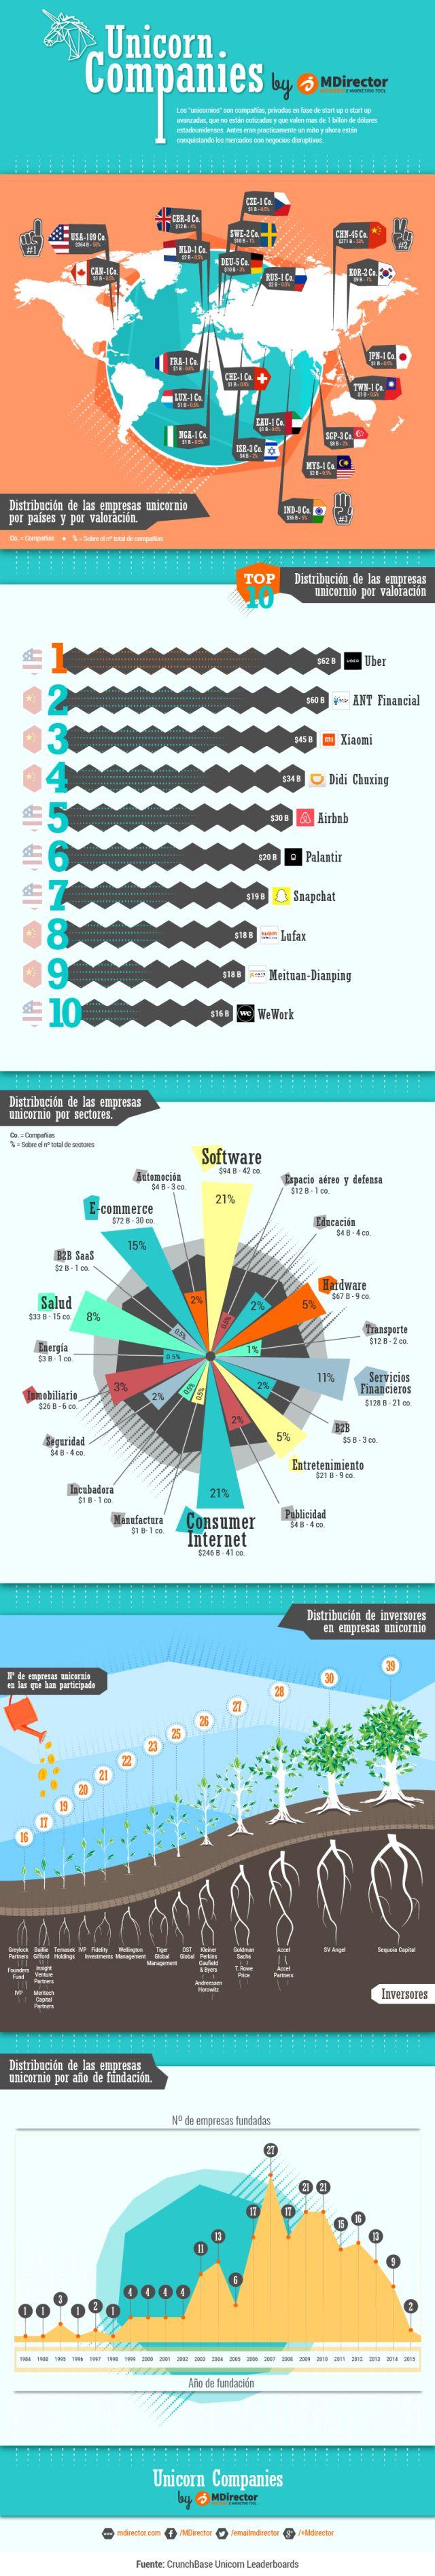 Startup Unicornio Algo más que une a UBER y Airbnb